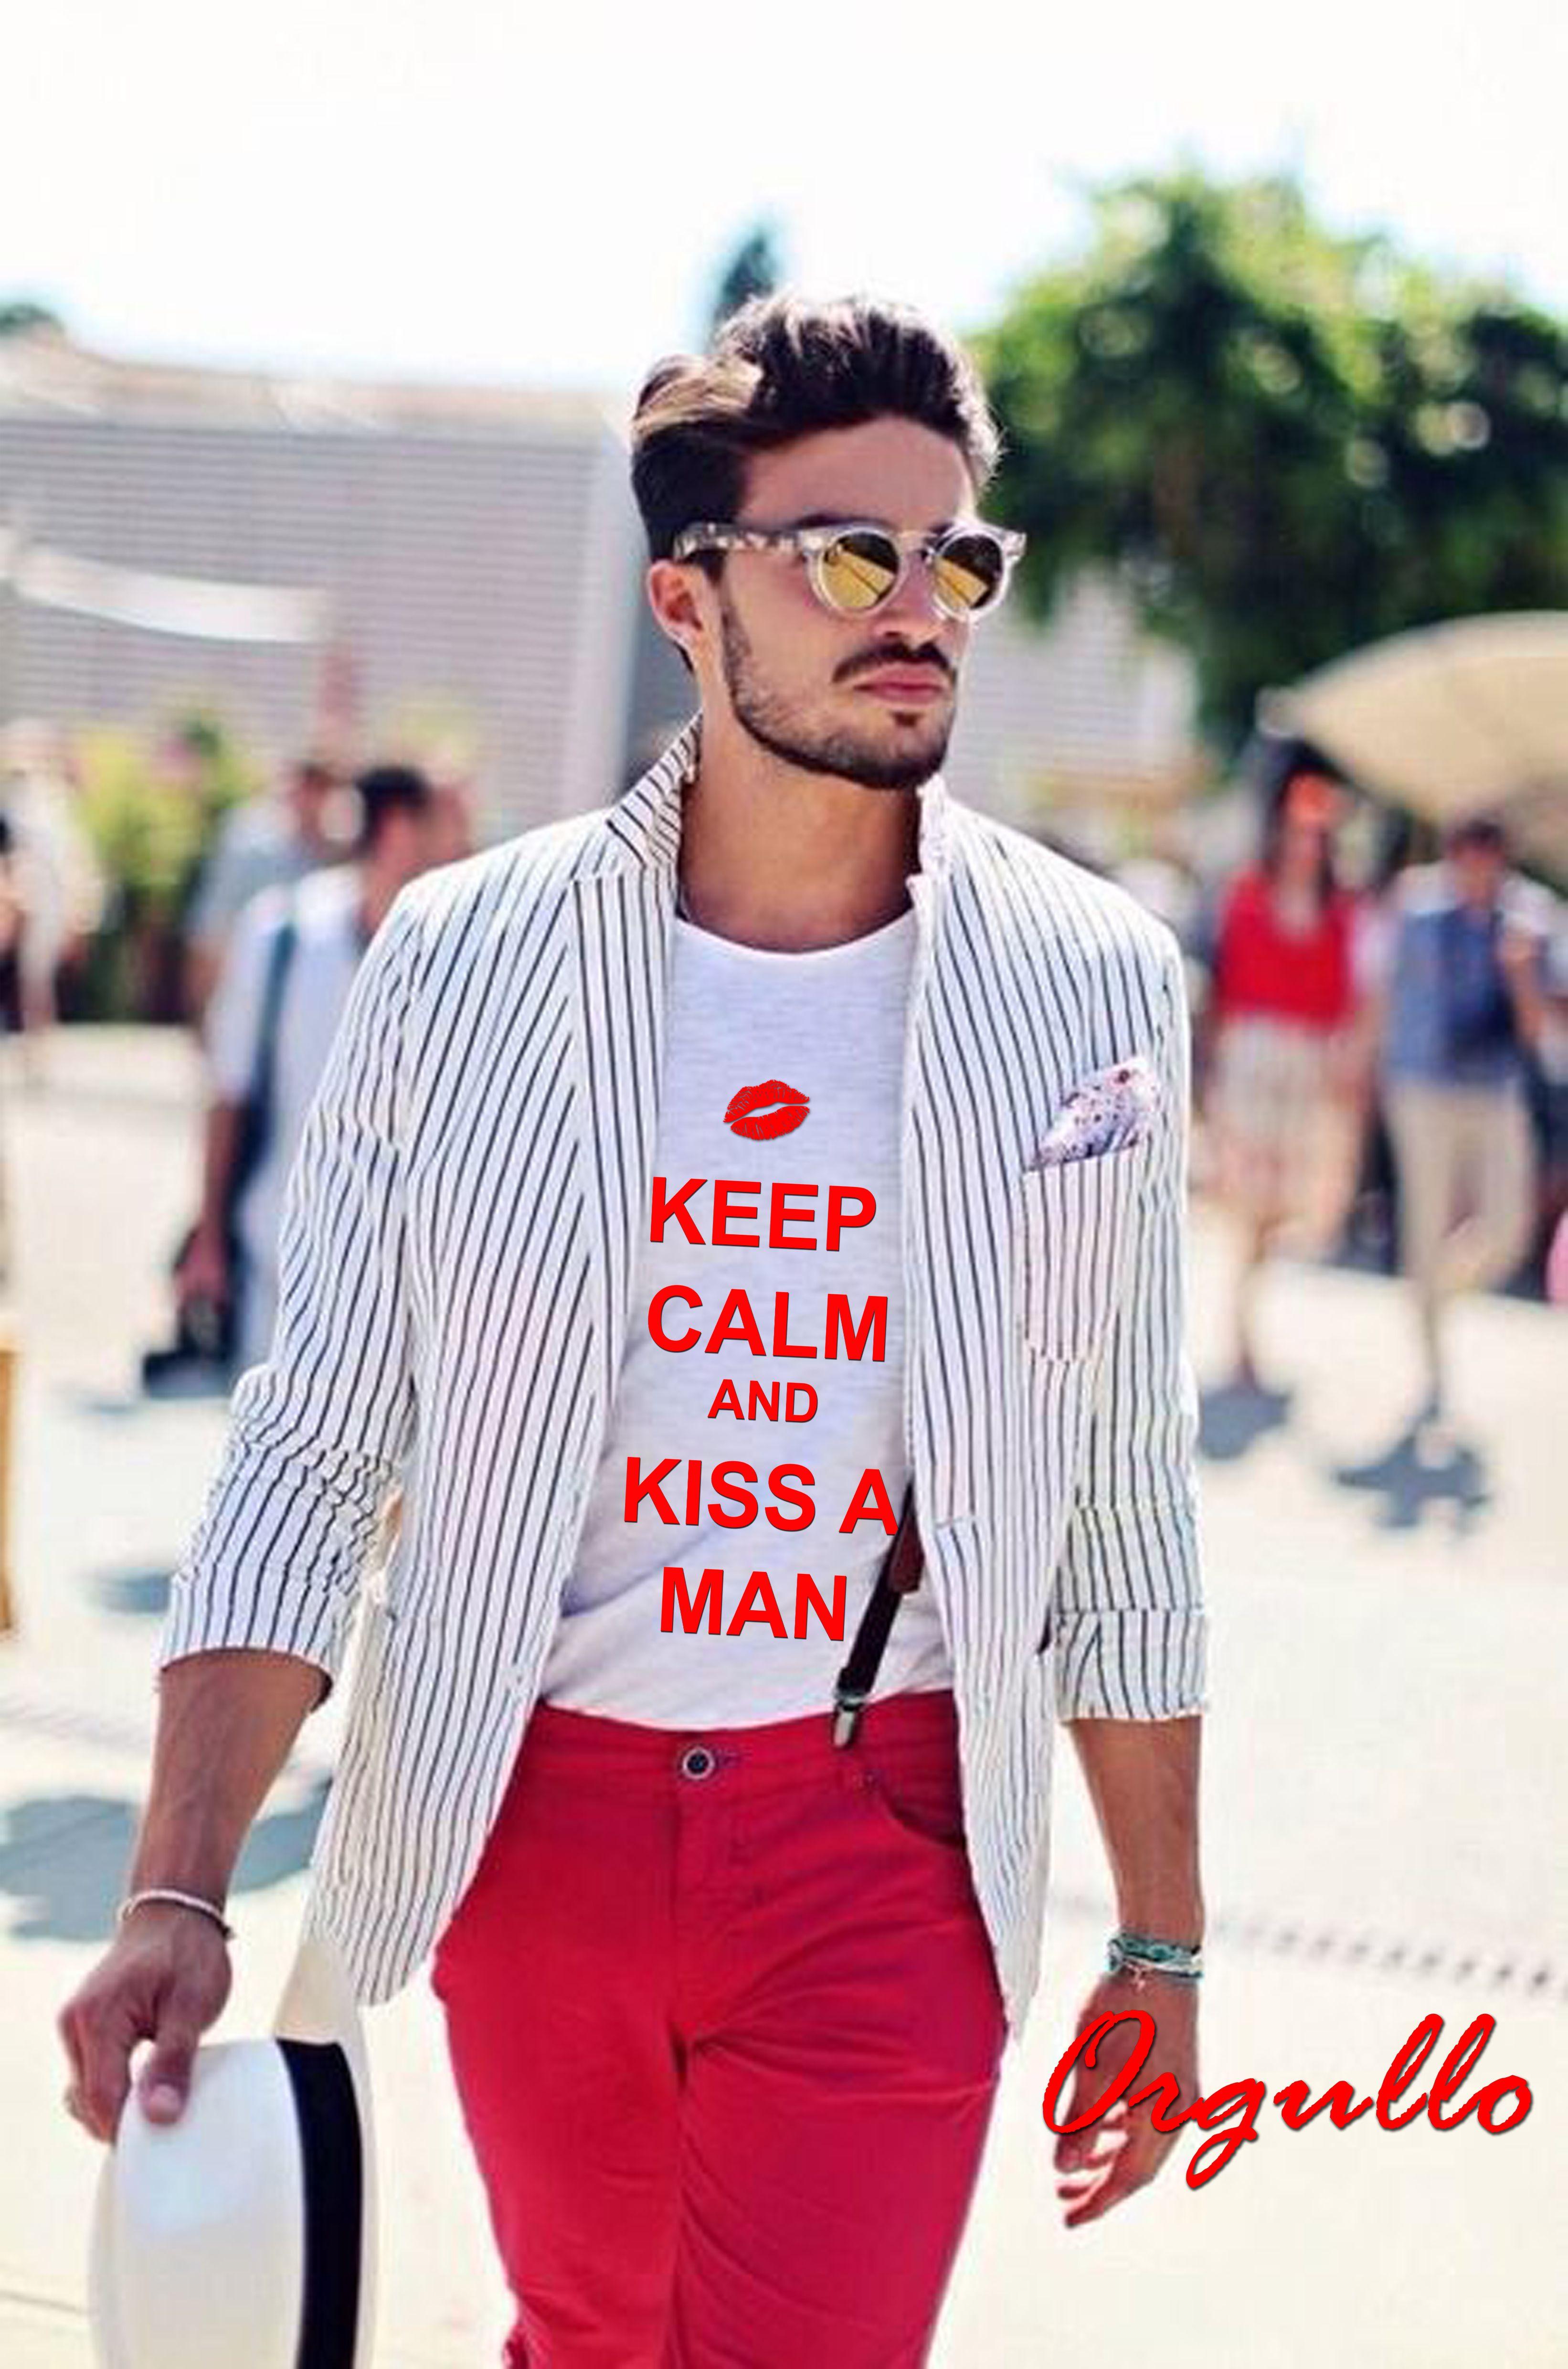 Modelo 2 Talla S M Cuello Redondo Color Del Polo Blanco Algodon Peruano Distribucion Con Imagenes Estilos De La Calle Para Hombres Moda Hombre Vestir Elegante Hombre